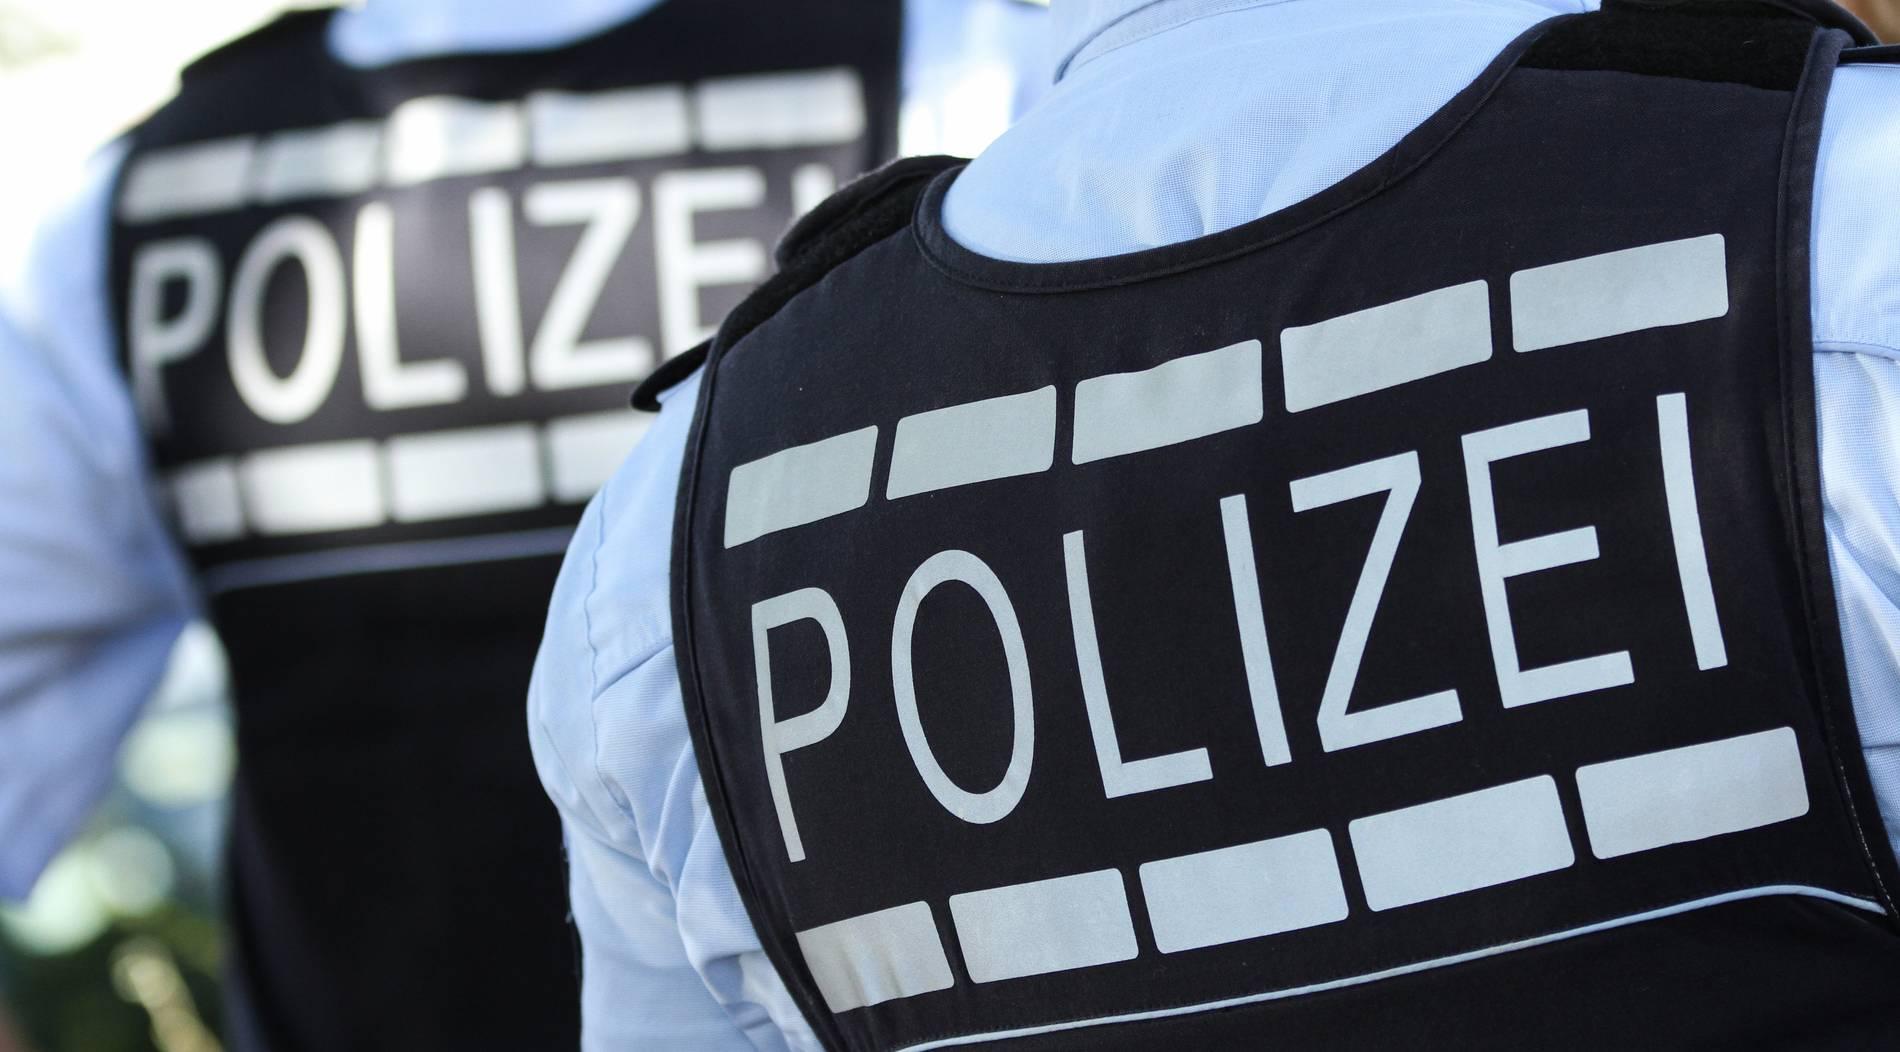 Polizei stellt aggressiven Auto-Kratzer